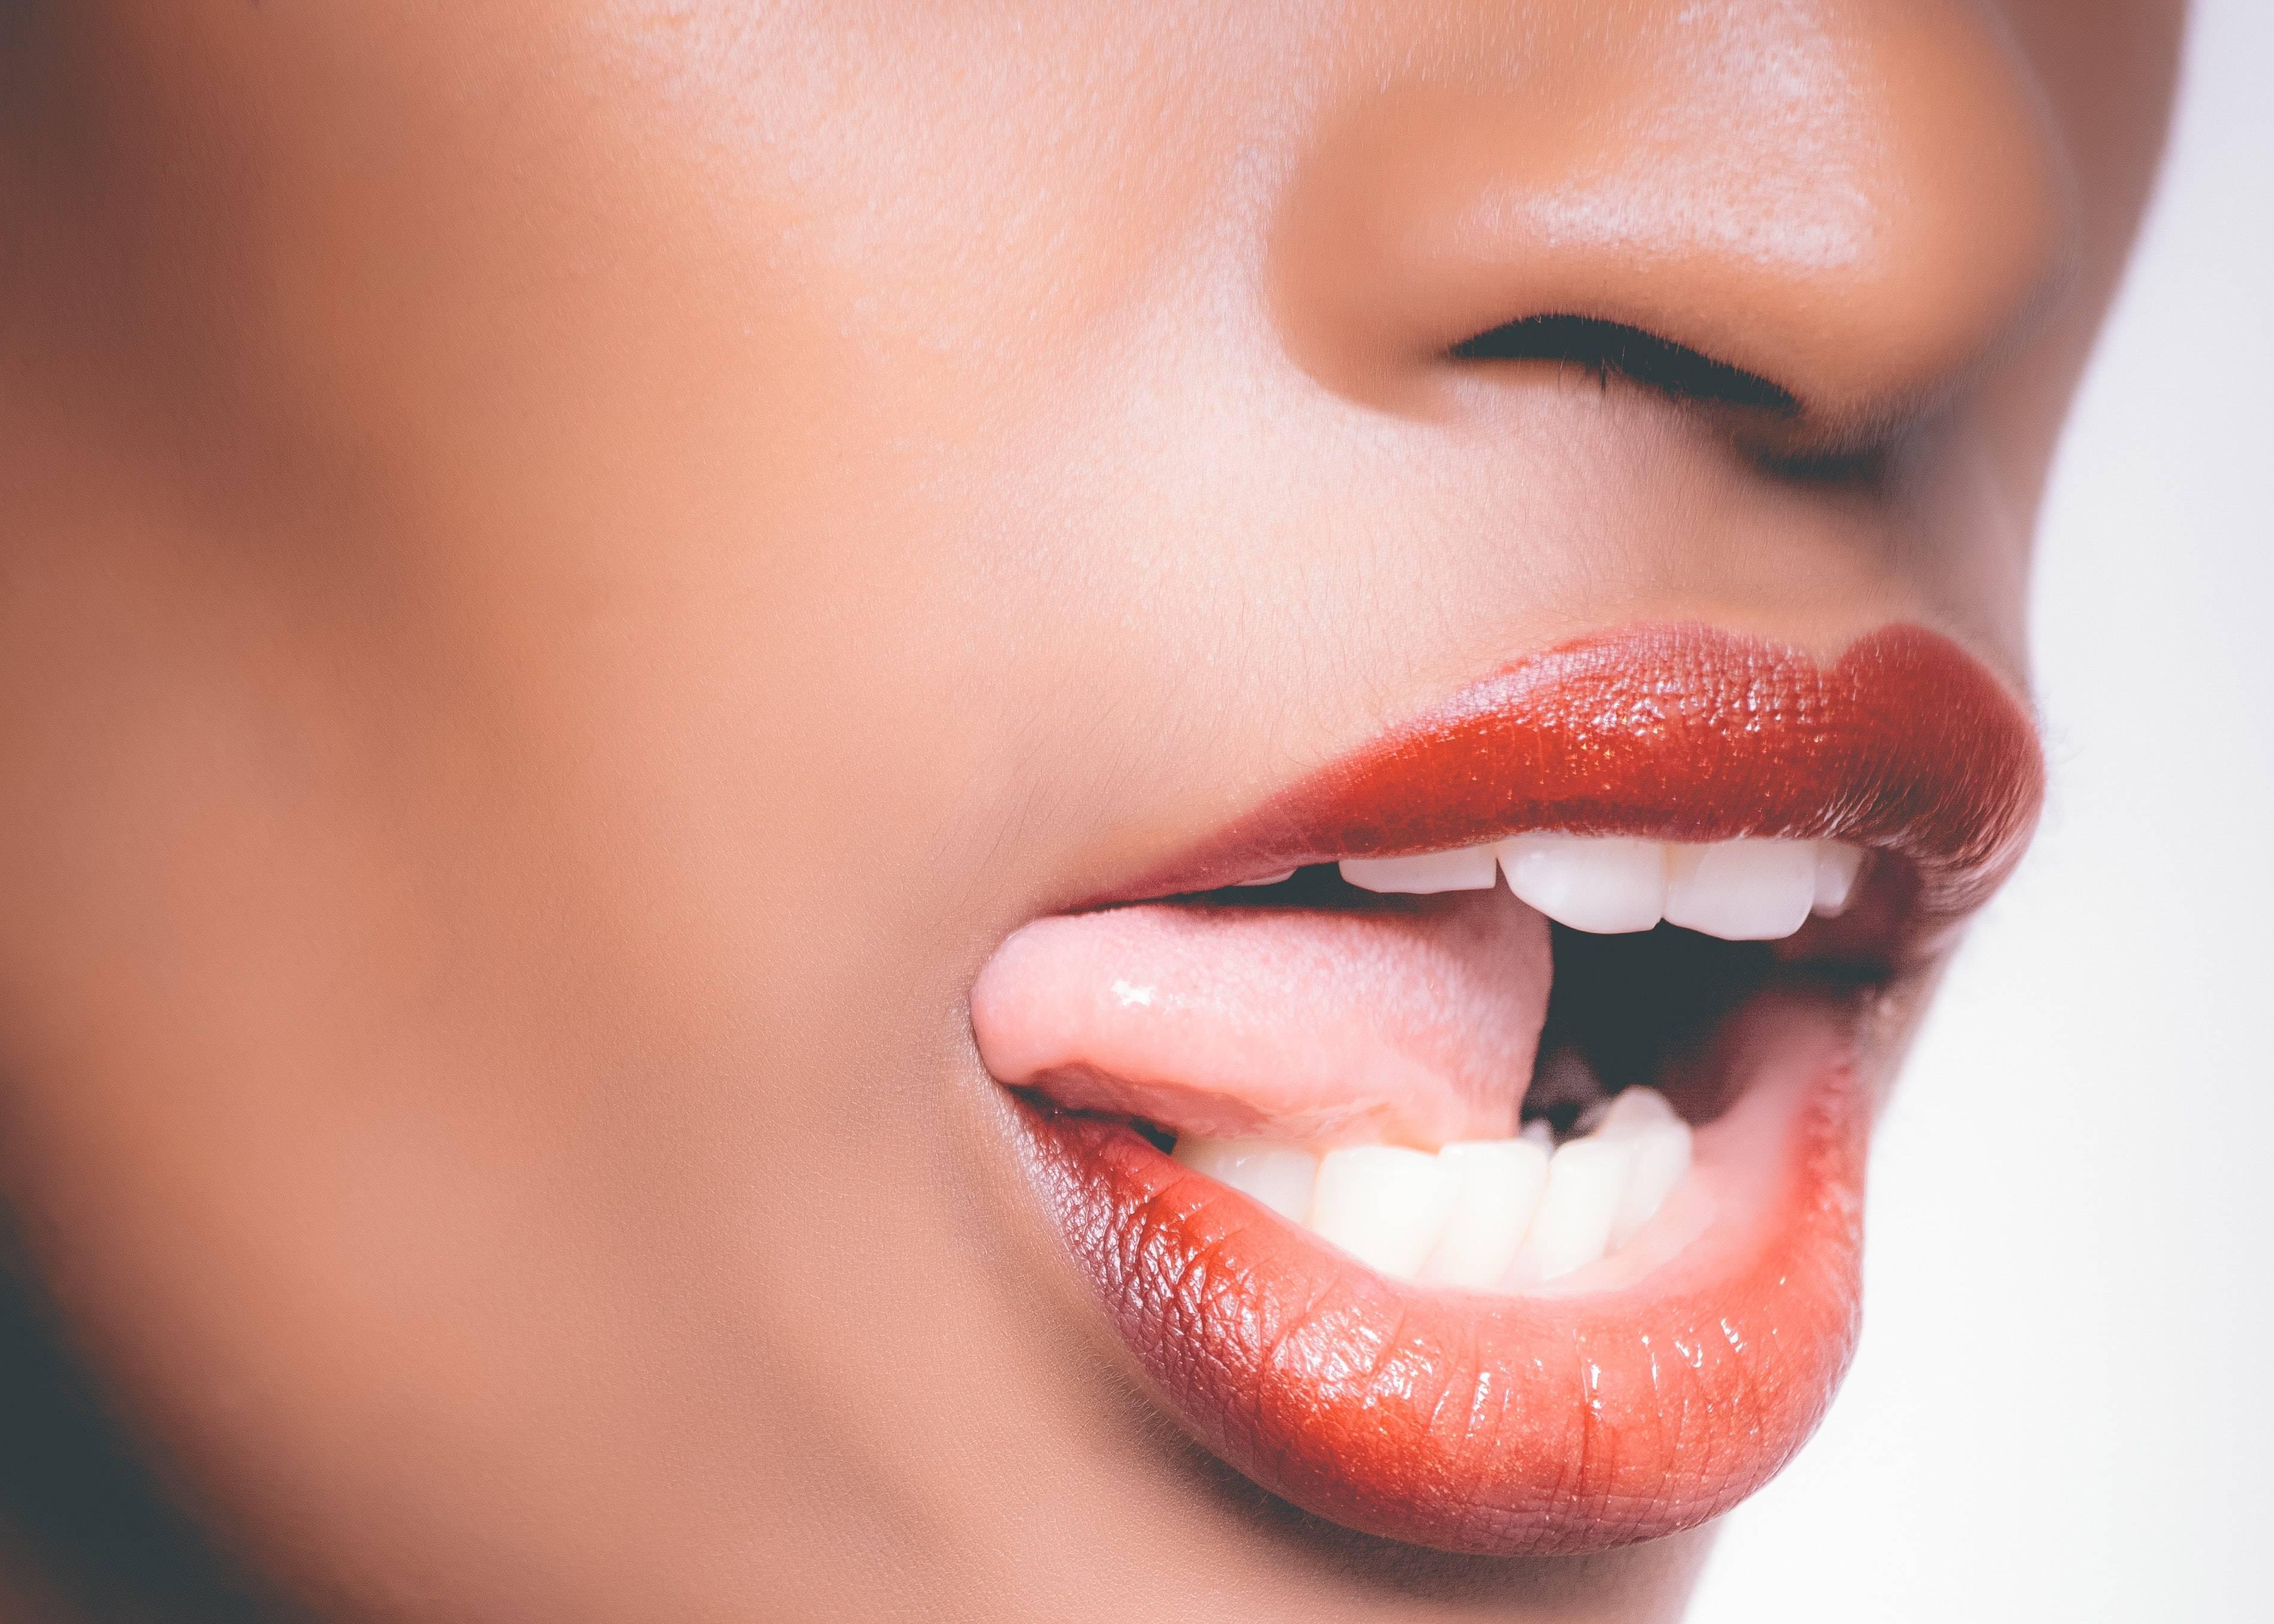 Los seres humanos también podemos detectar olores con la lengua